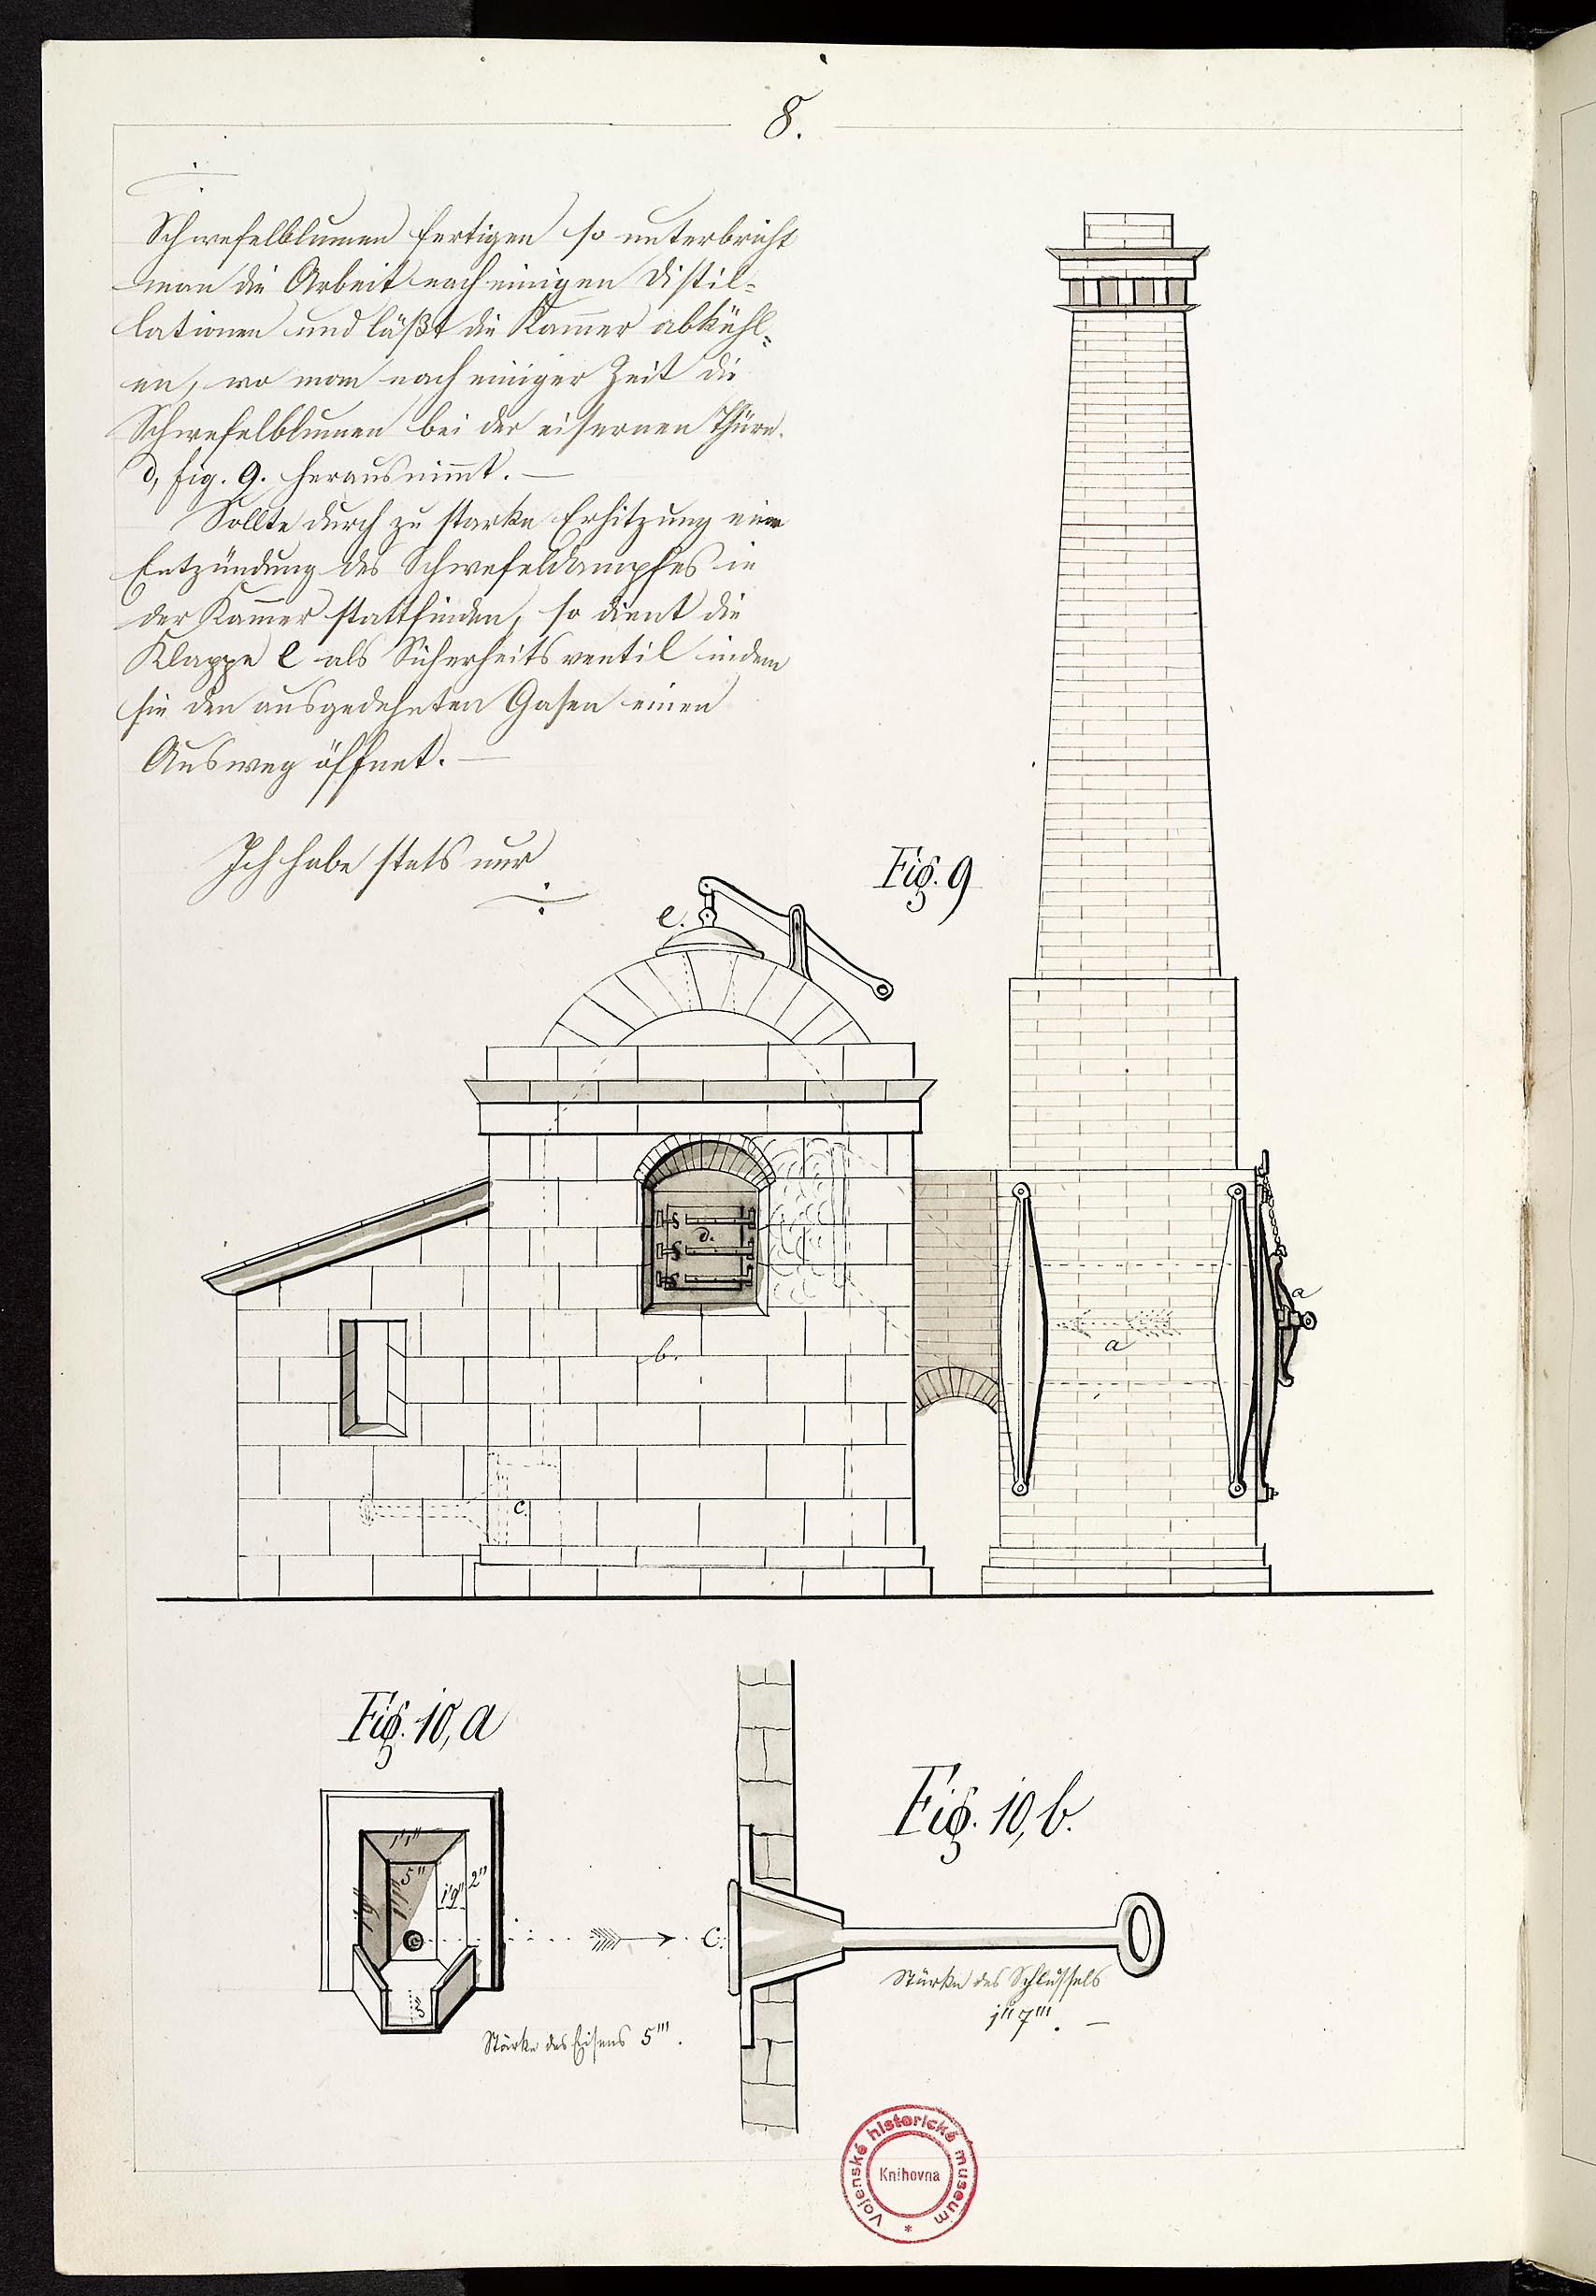 Carl Heinrich Riegel: Die Zubereitung des eckigten Schieß-Pulvers nach englischer Art